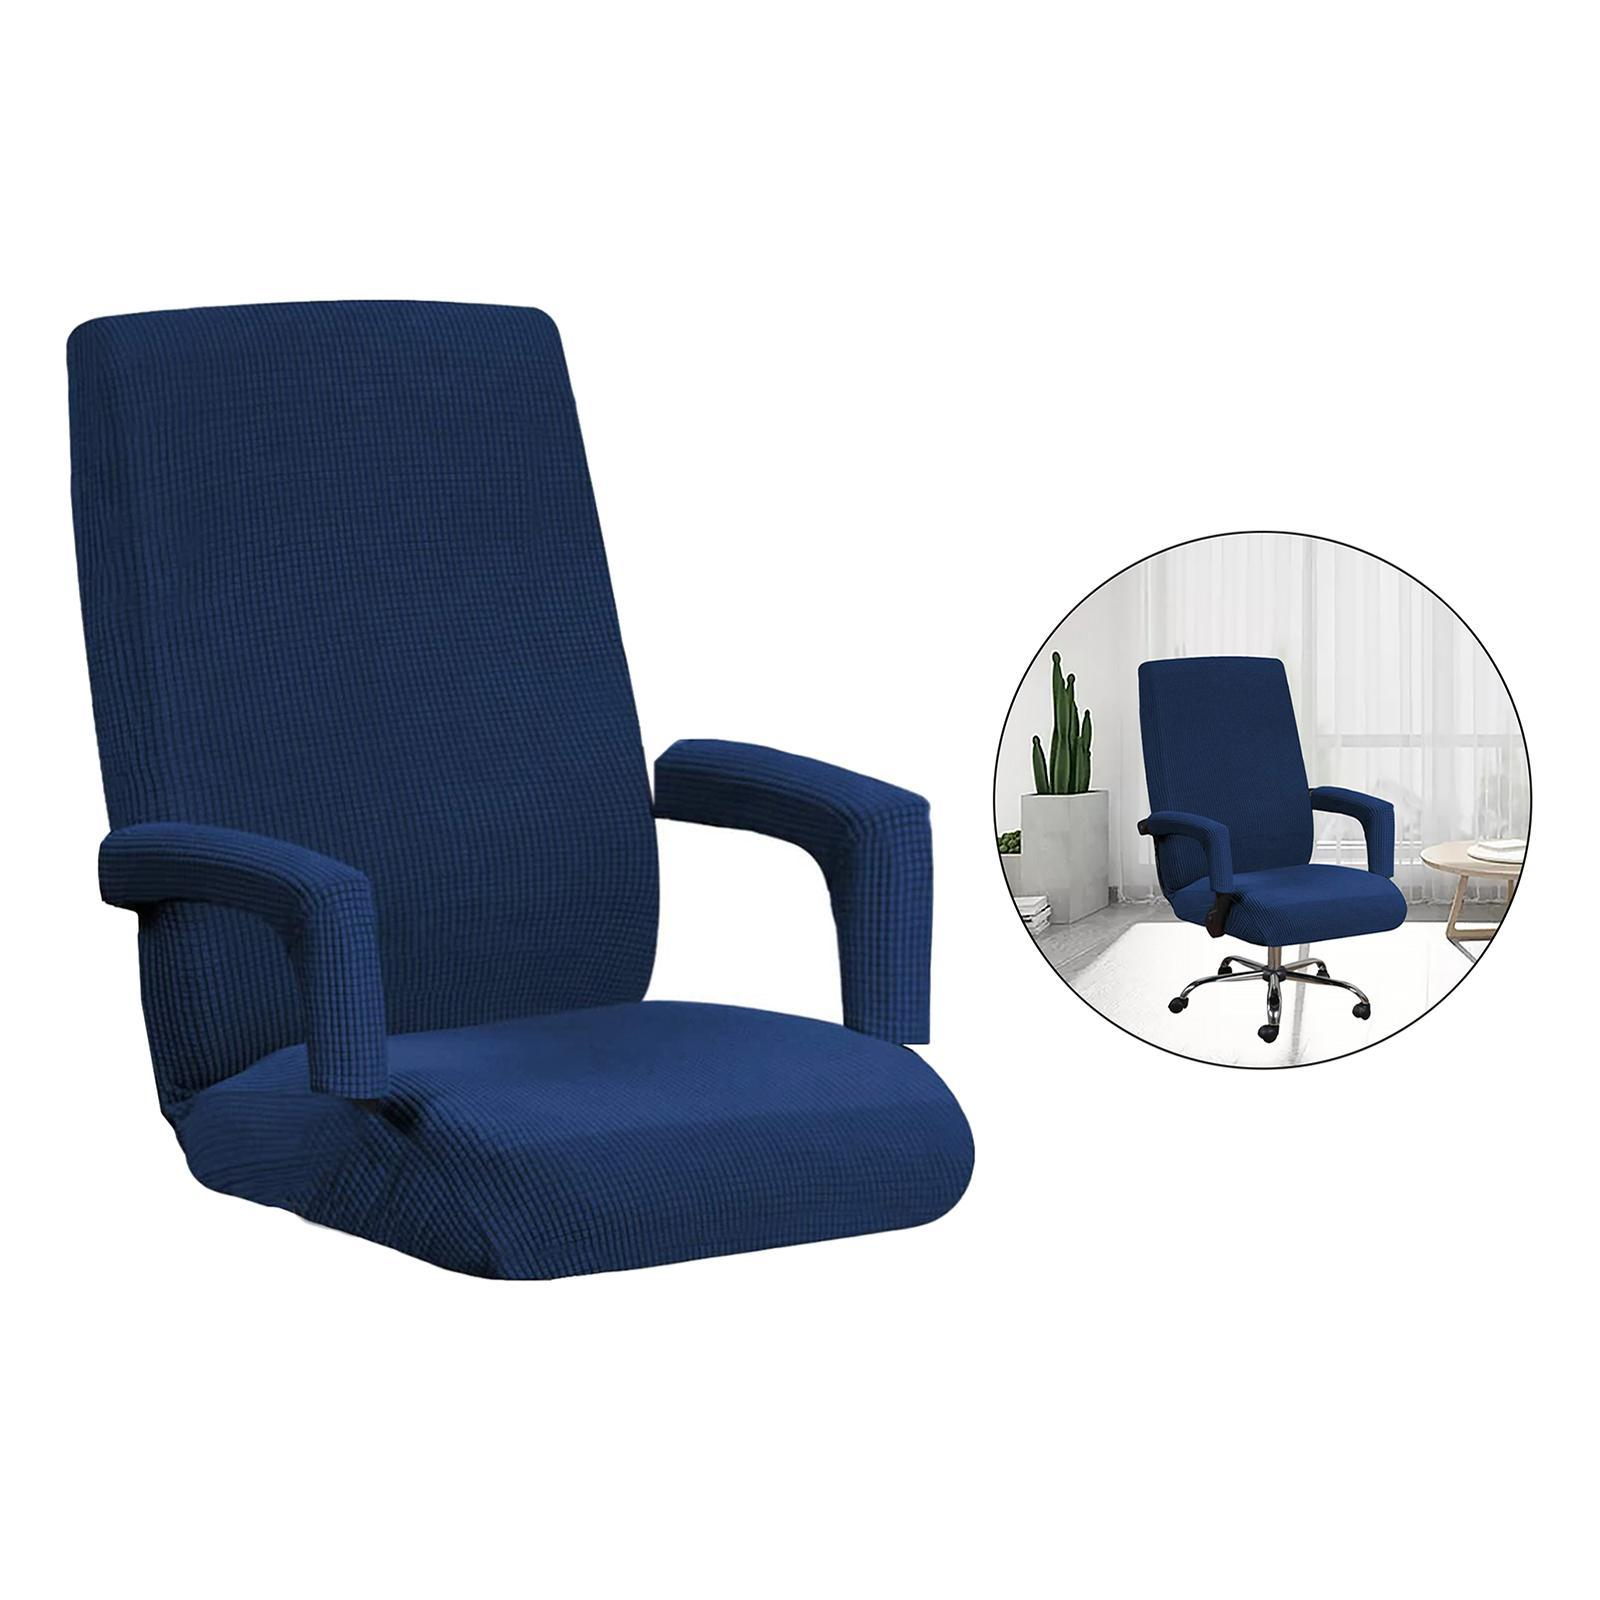 miniature 4 - Housses de chaise de bureau contemporaines à dossier haut et 2 housses de bras